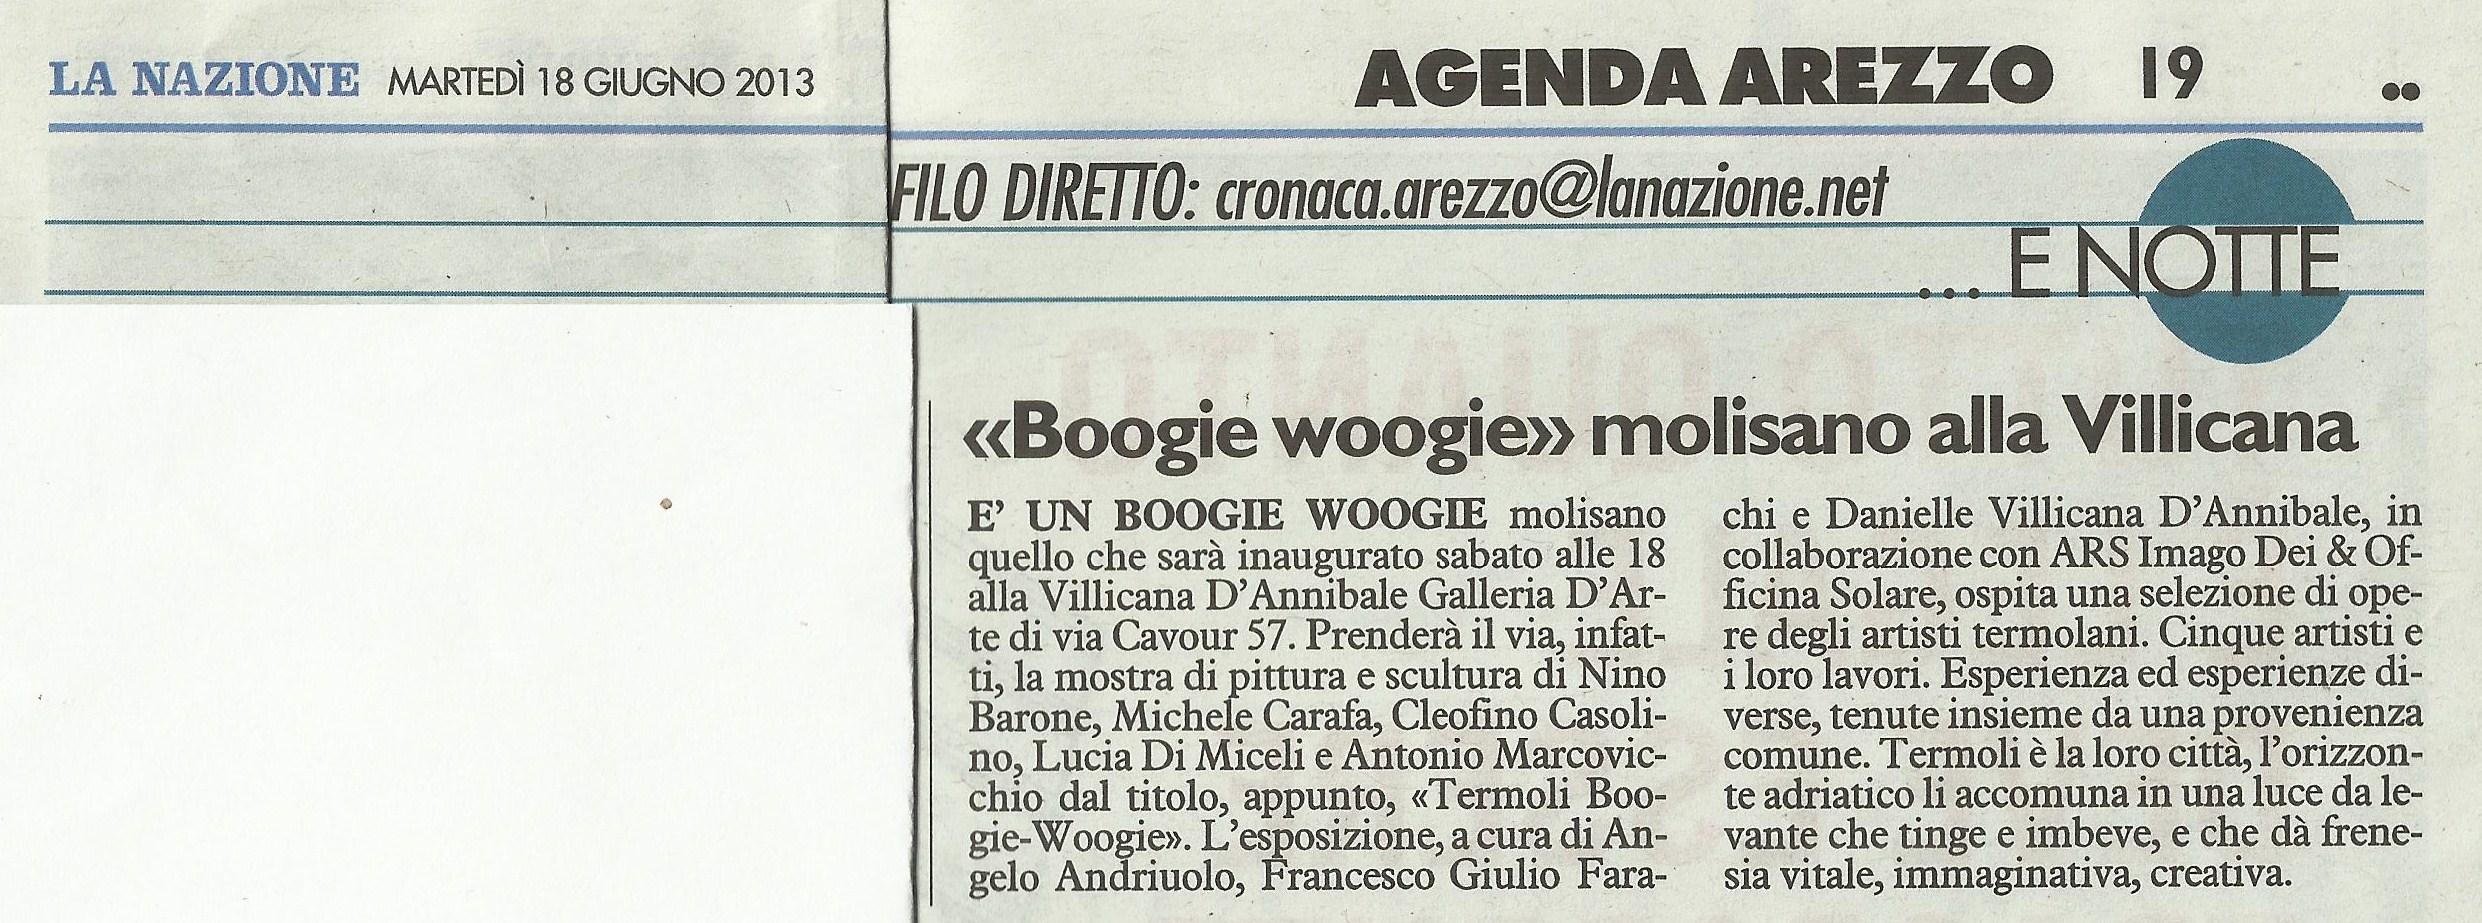 LA NAZIONE: Boogie Woogie